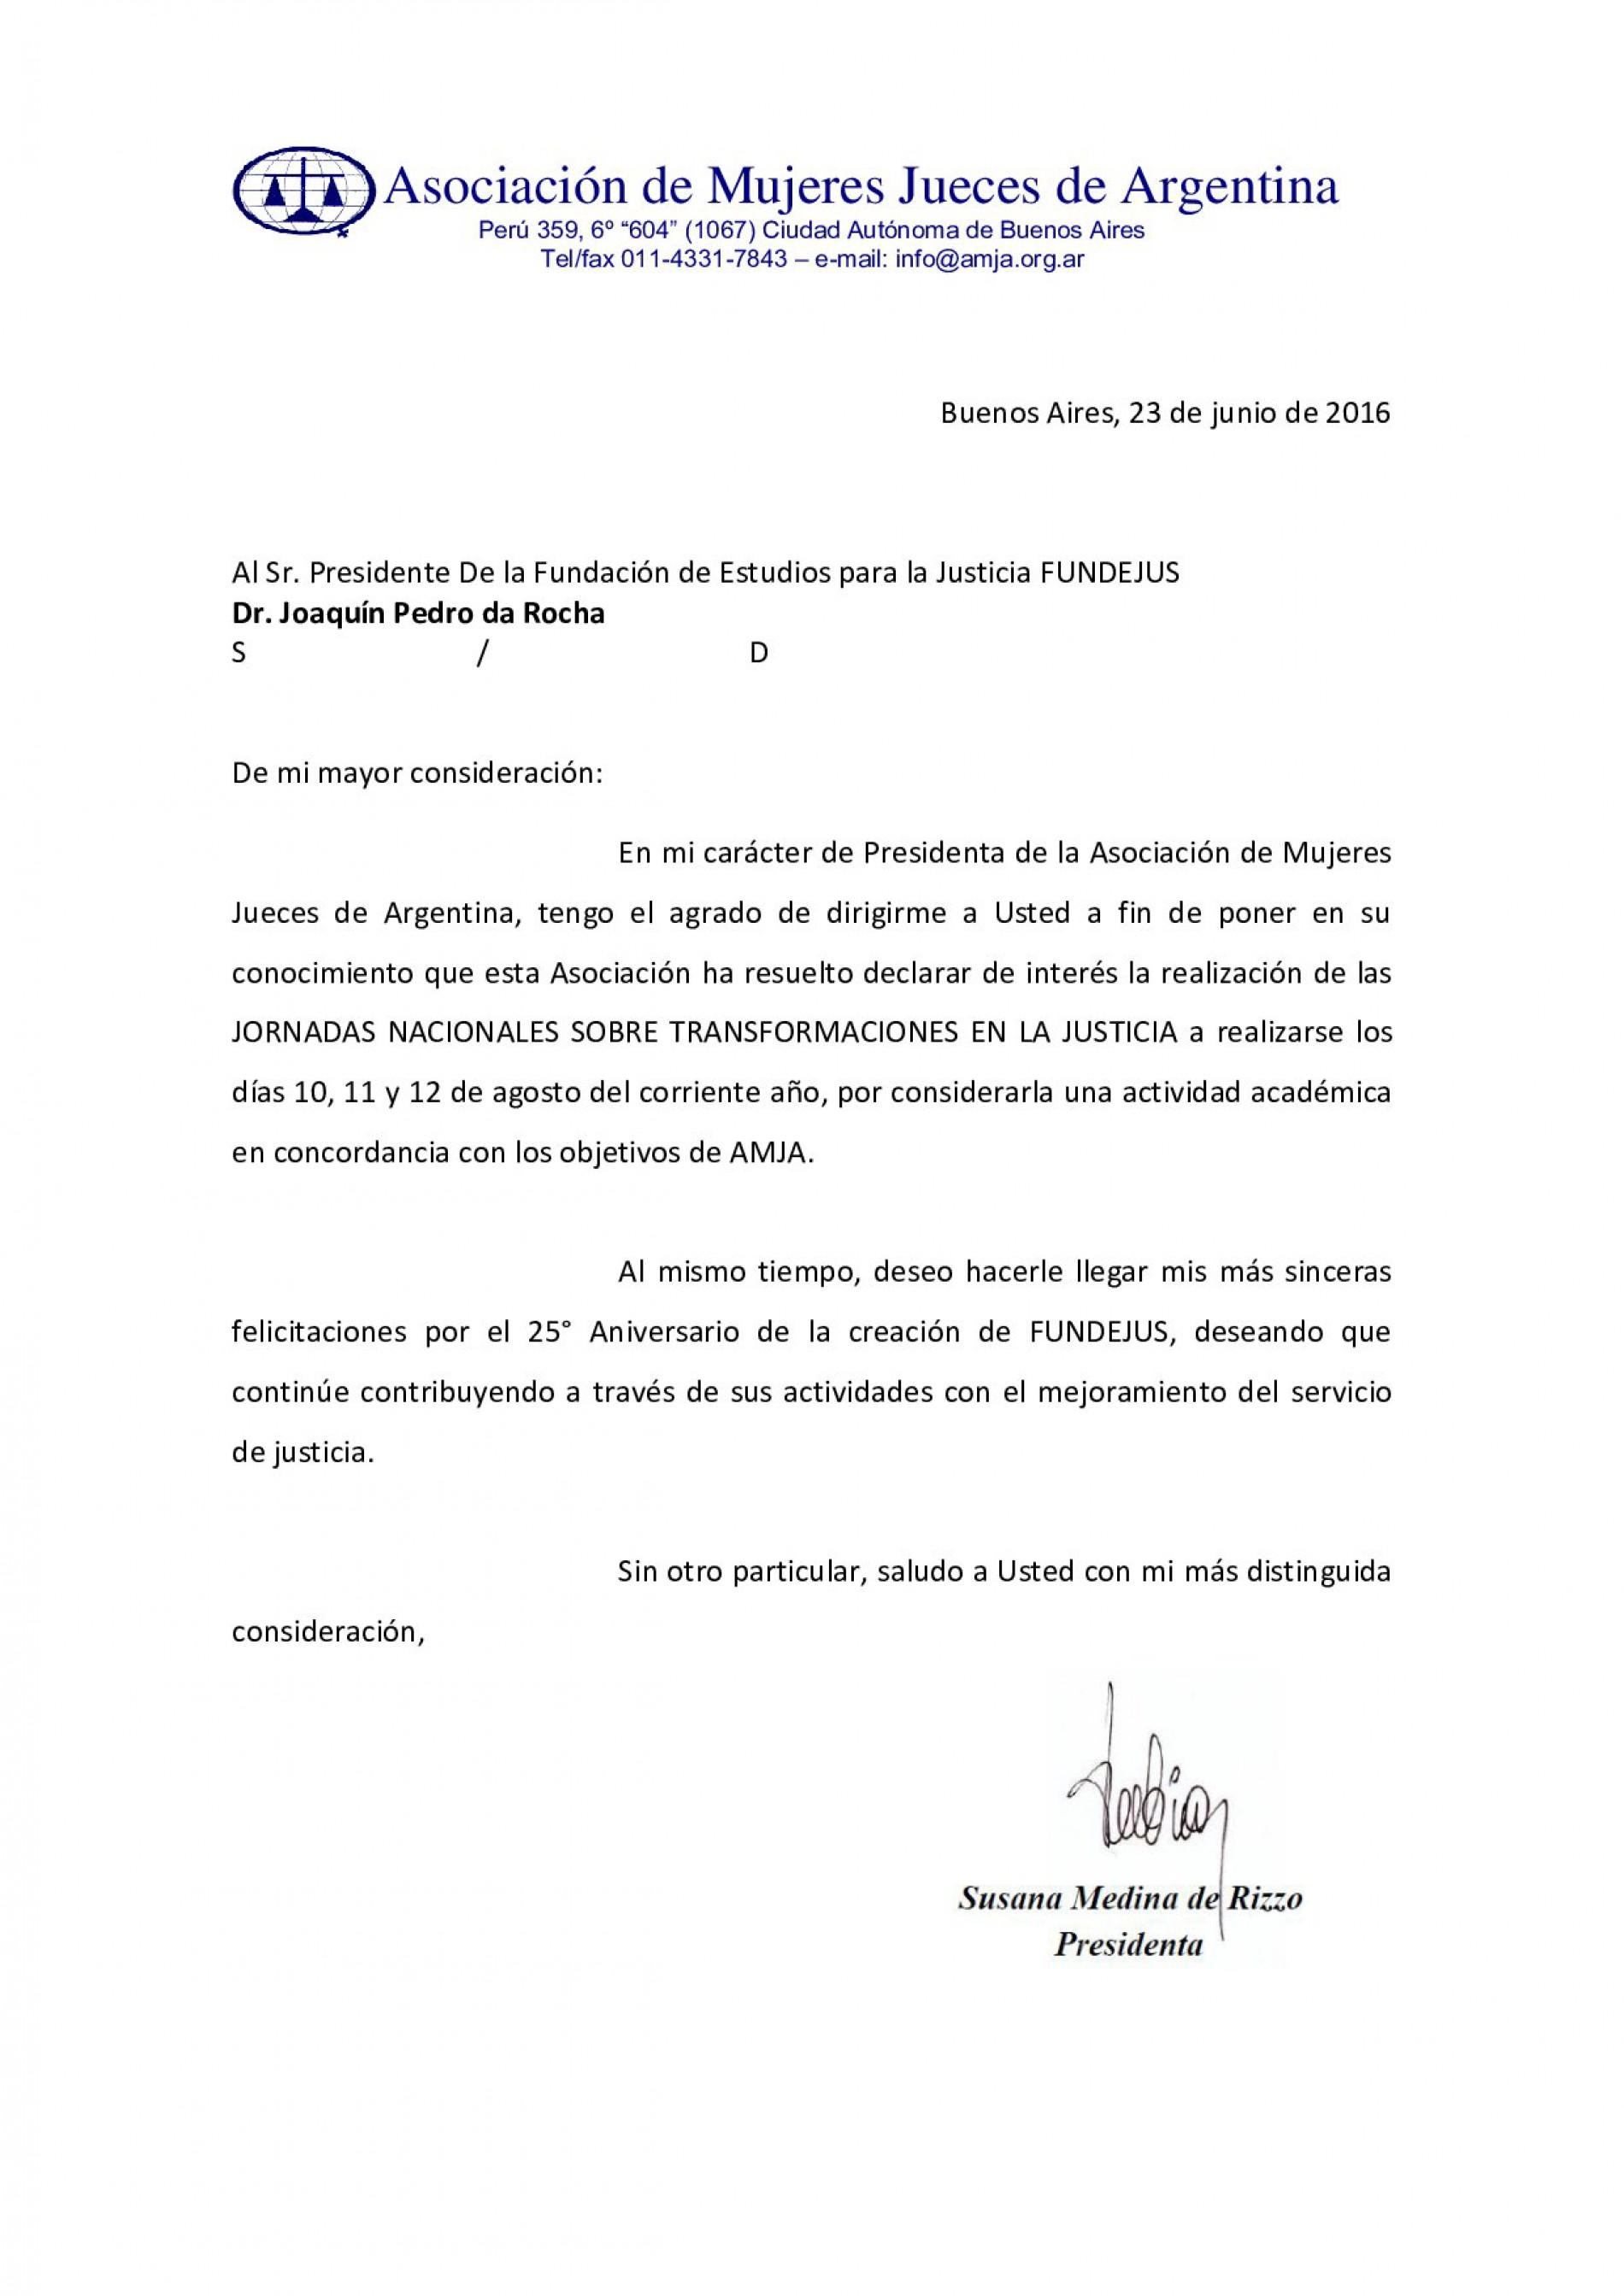 Asociación de Mujeres Jueces de Argentina – Declara de interés las Jornadas Nacionales sobre Transformaciones en la Justicia